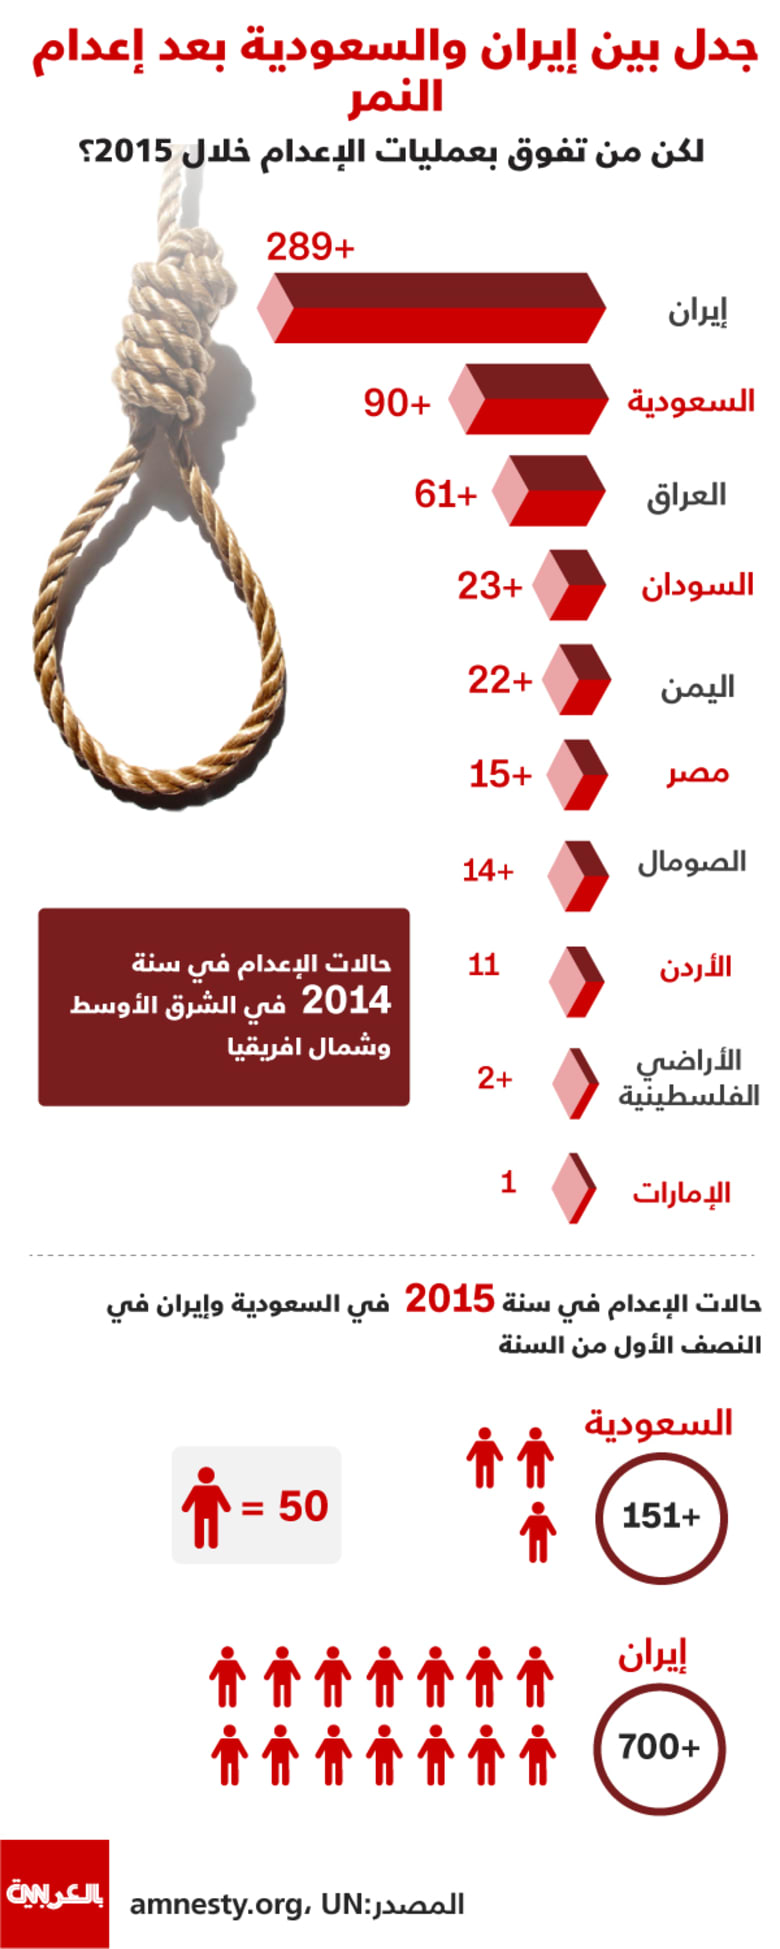 انفوجرافيك: جدل بين إيران والسعودية بعد إعدام النمر.. لكن من تفوق بعمليات الإعدام خلال 2015؟